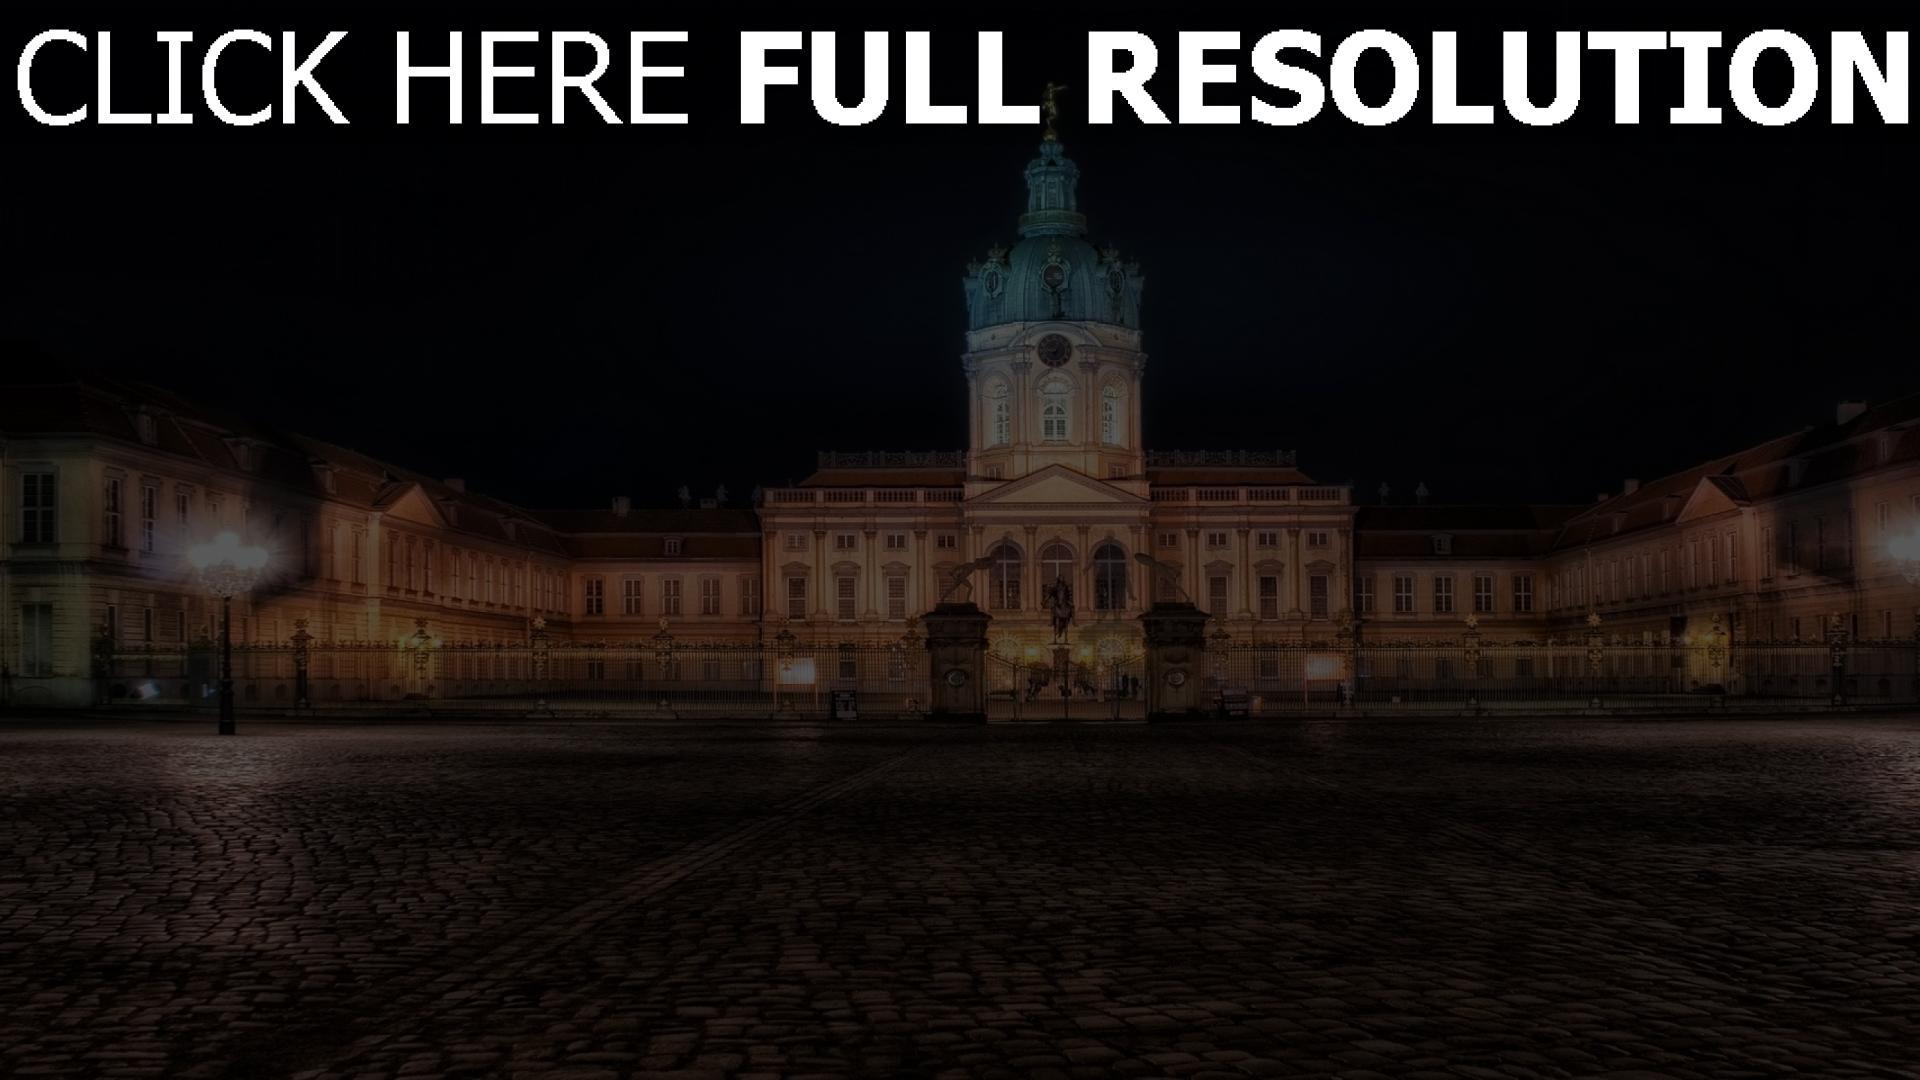 fond d'écran 1920x1080 charlottenburg palace cour nuit vue de face